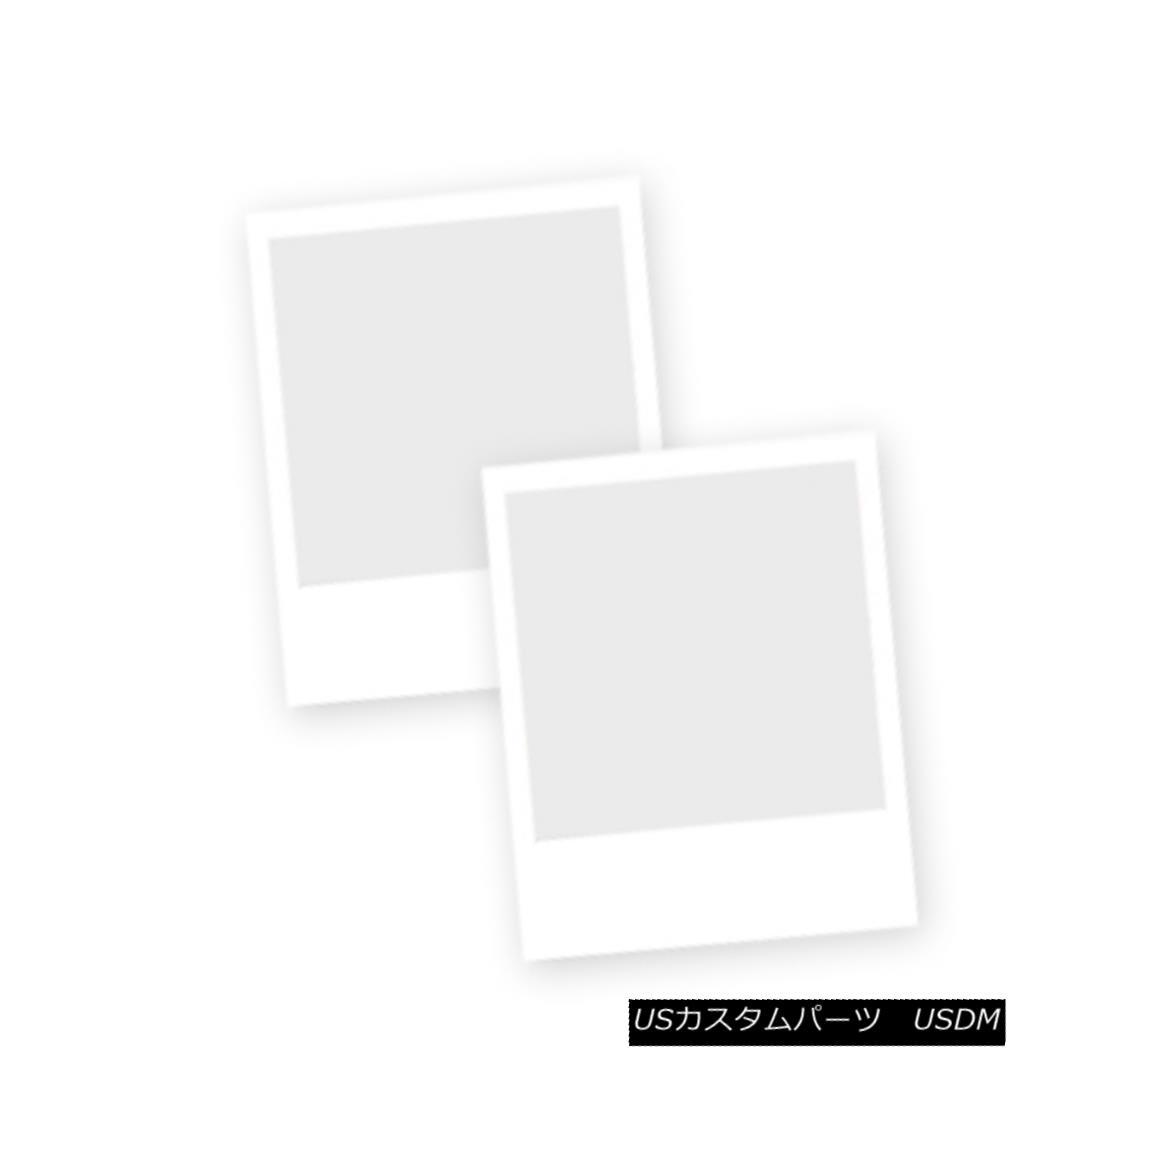 幌・ソフトトップ PAVEMENT END 51137-15 Soft Top Black Denim 1988-1994 Tracker/Sidekick PAVEMENT END 51137-15ソフトトップブラックデニム1988-1994トラッカー/サイドキー ck